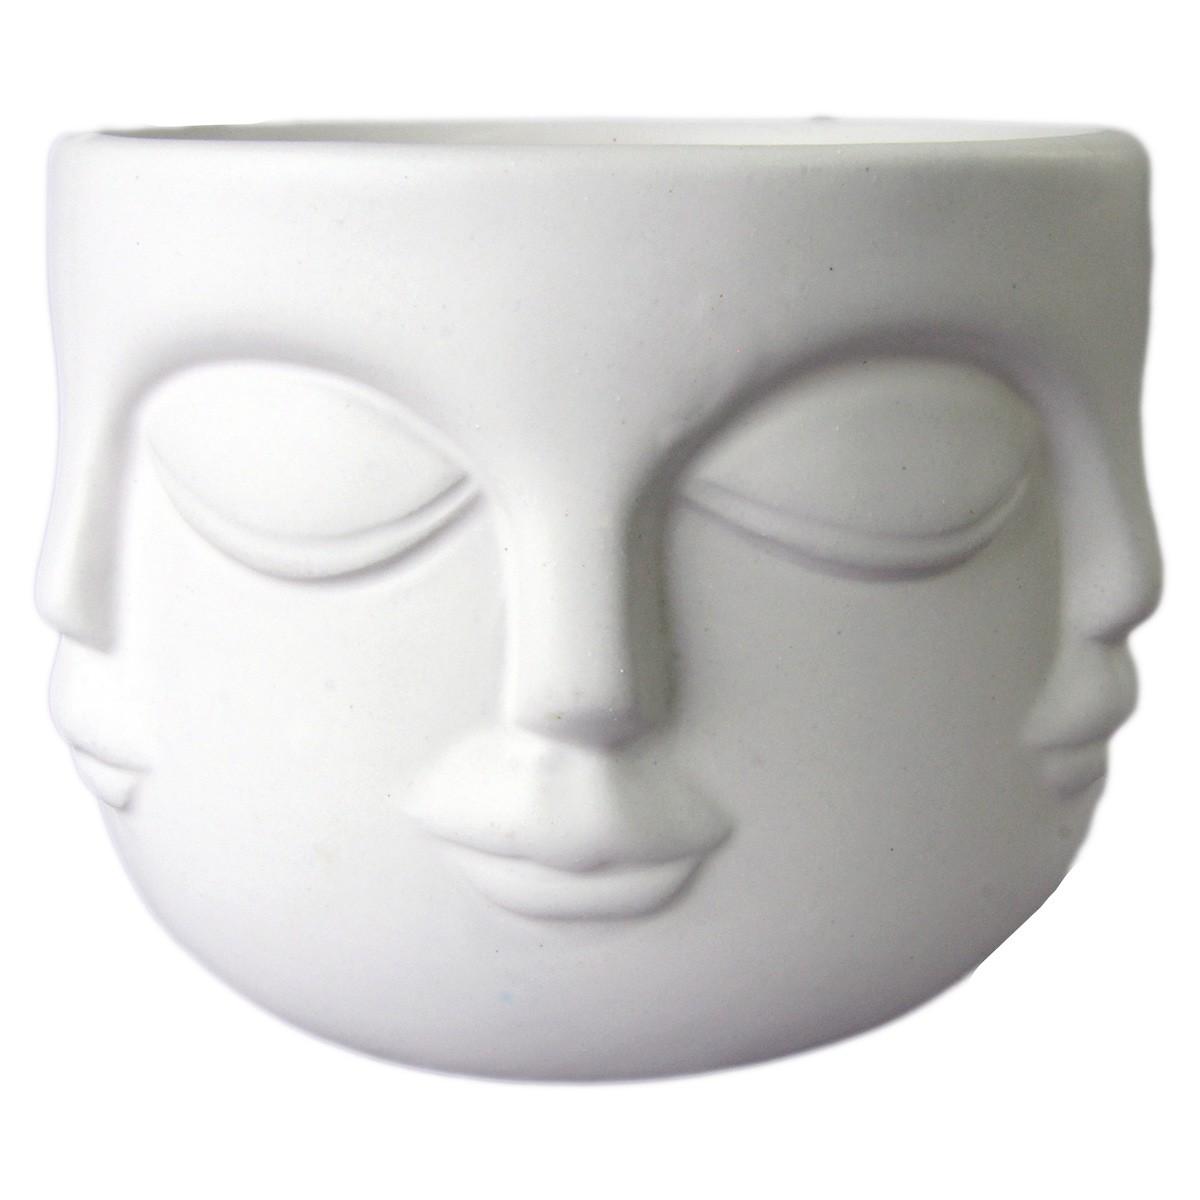 Jogo 2 Potes Rosto Cerâmica Branco e Preto 12x8,5cm BTC